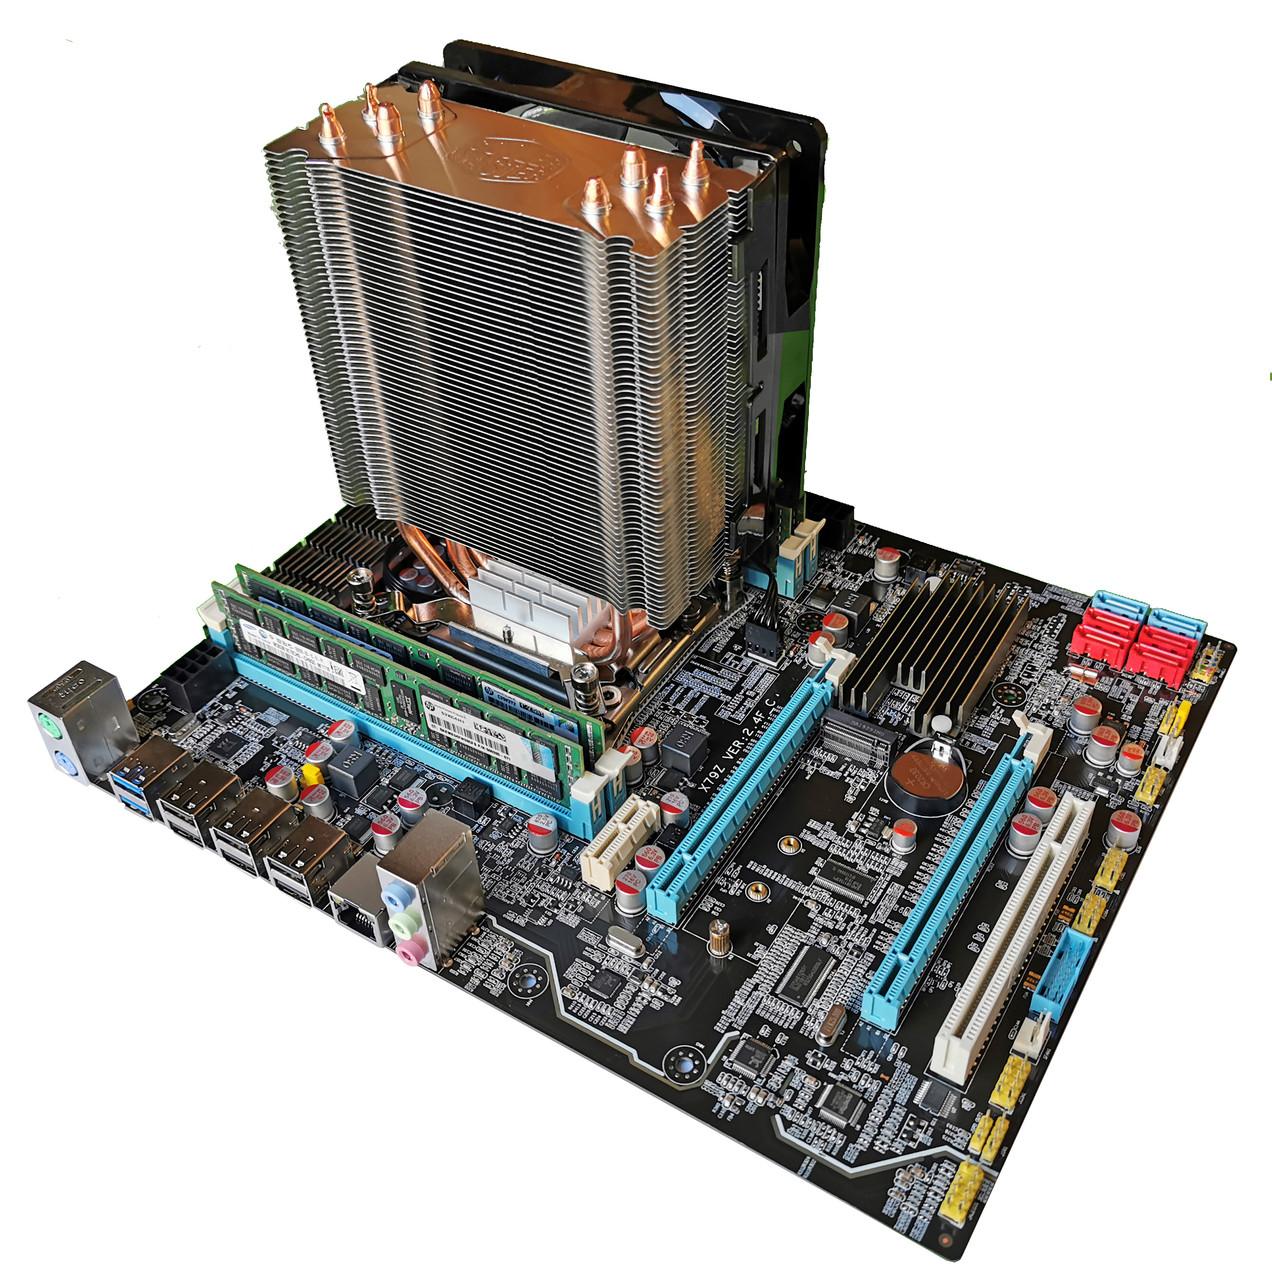 Комплект X79Z-2.4F + Xeon E5-1660 + 16 GB RAM + Кулер, LGA 2011